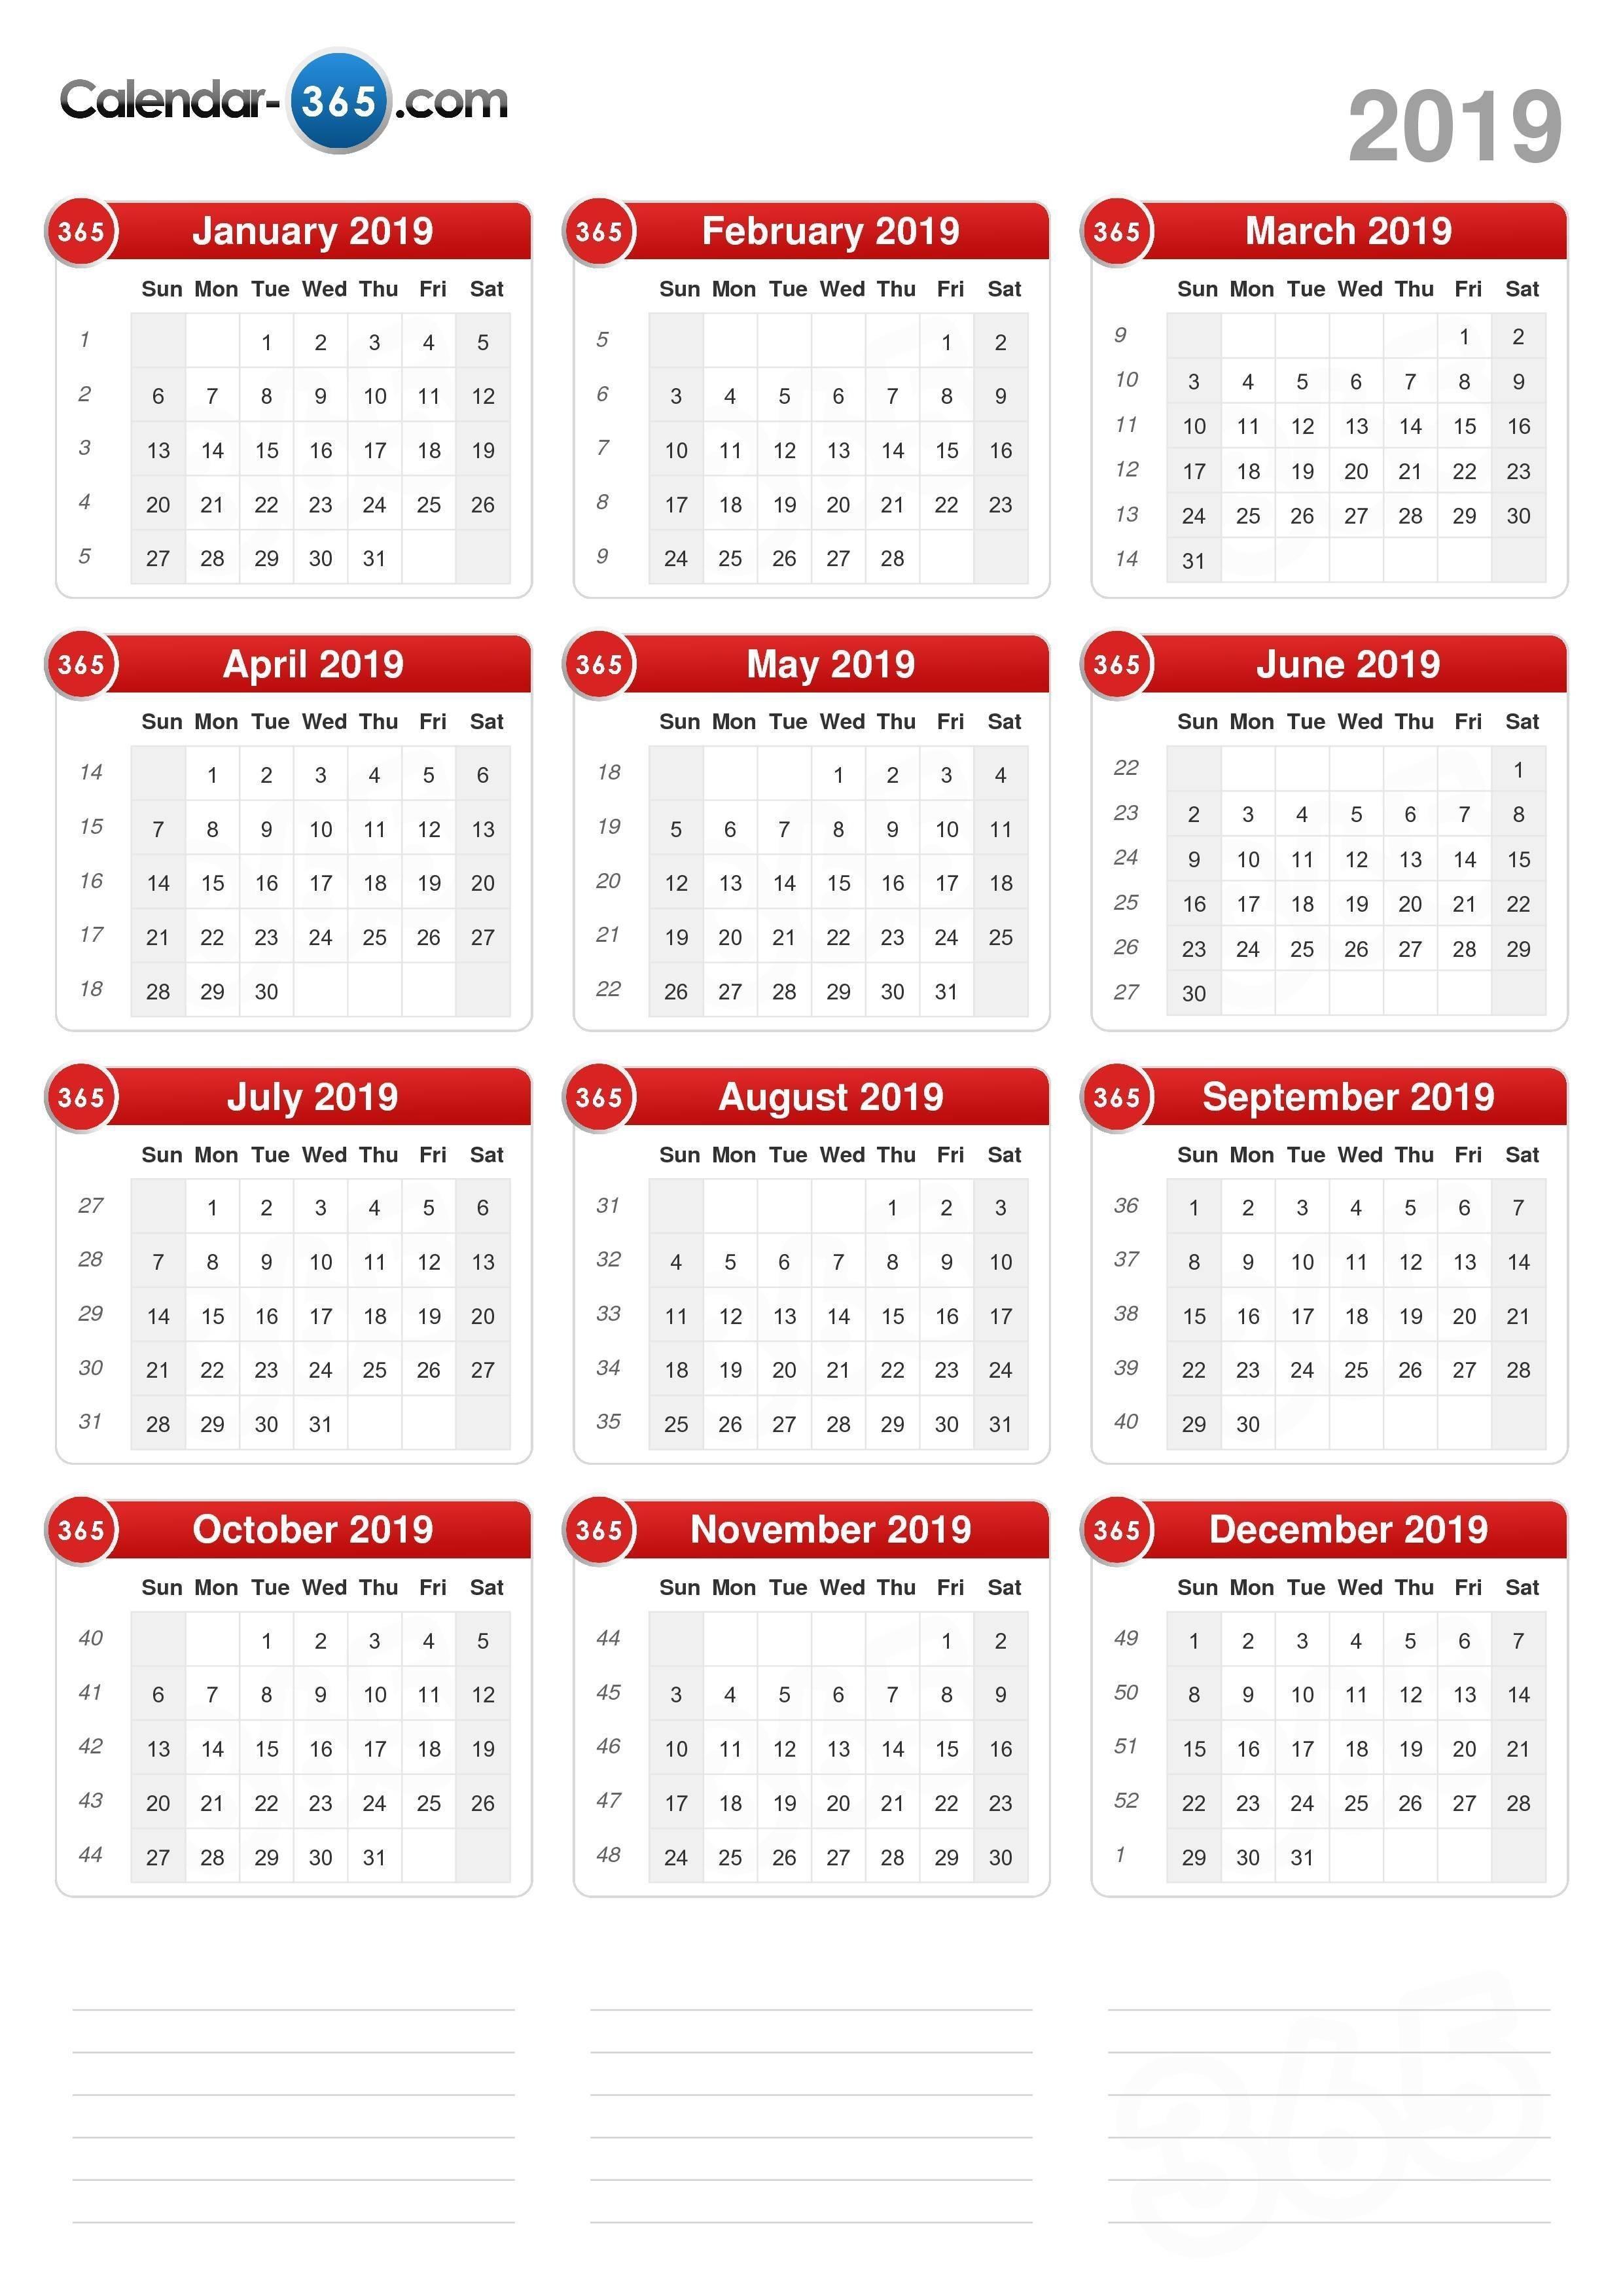 2019 Calendar Week 5 Calendar 2019